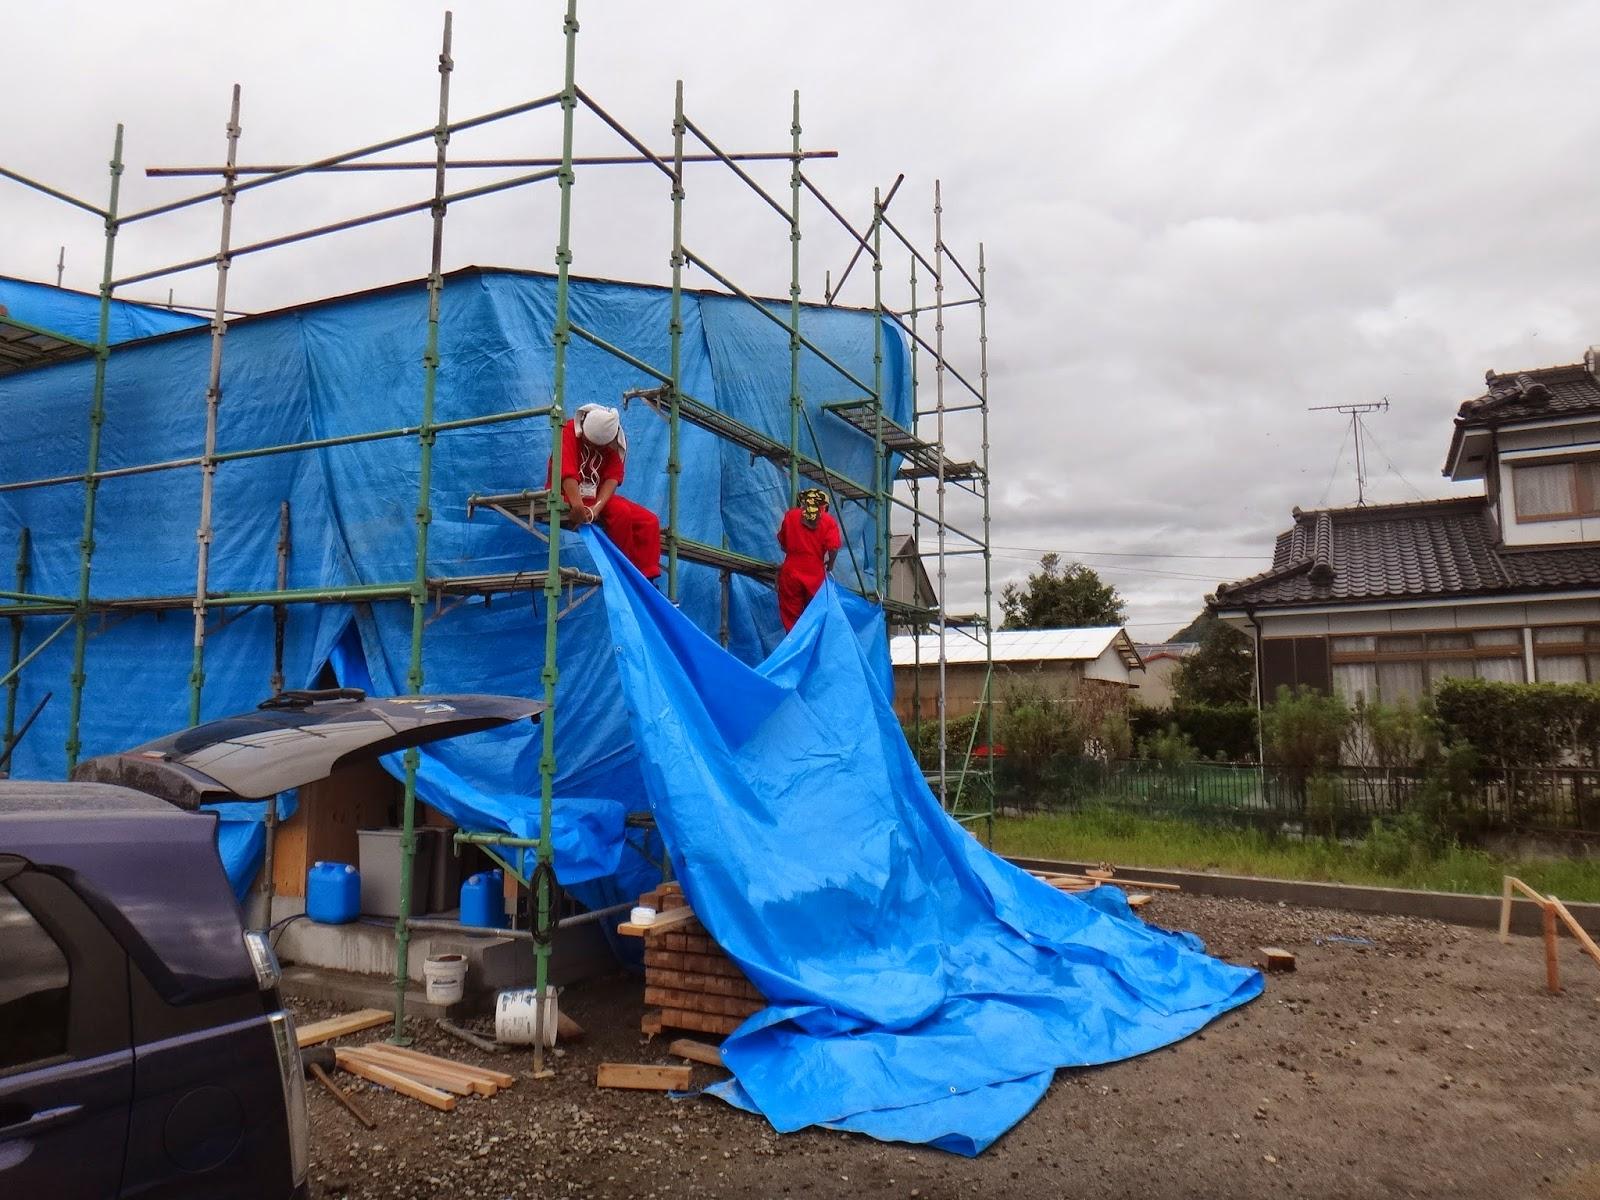 ロングライフ住宅をサポートする劣化対策会社「日本ボレイト」スタッフブログ: 鹿児島県